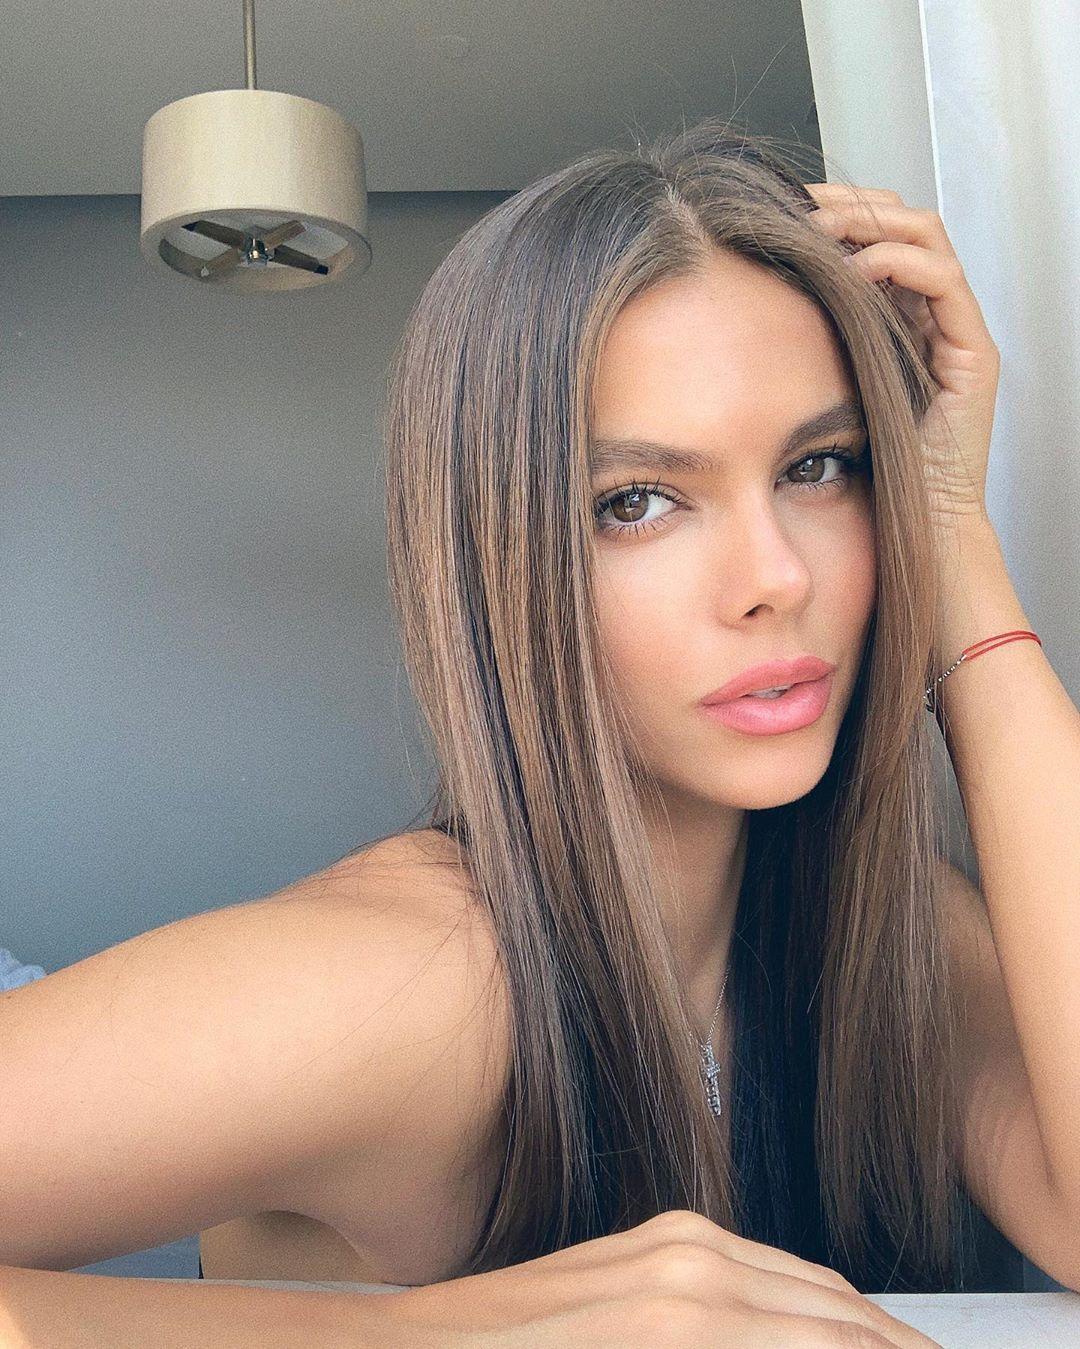 Вики Одинцова открыто рассказала о Егоре Криде